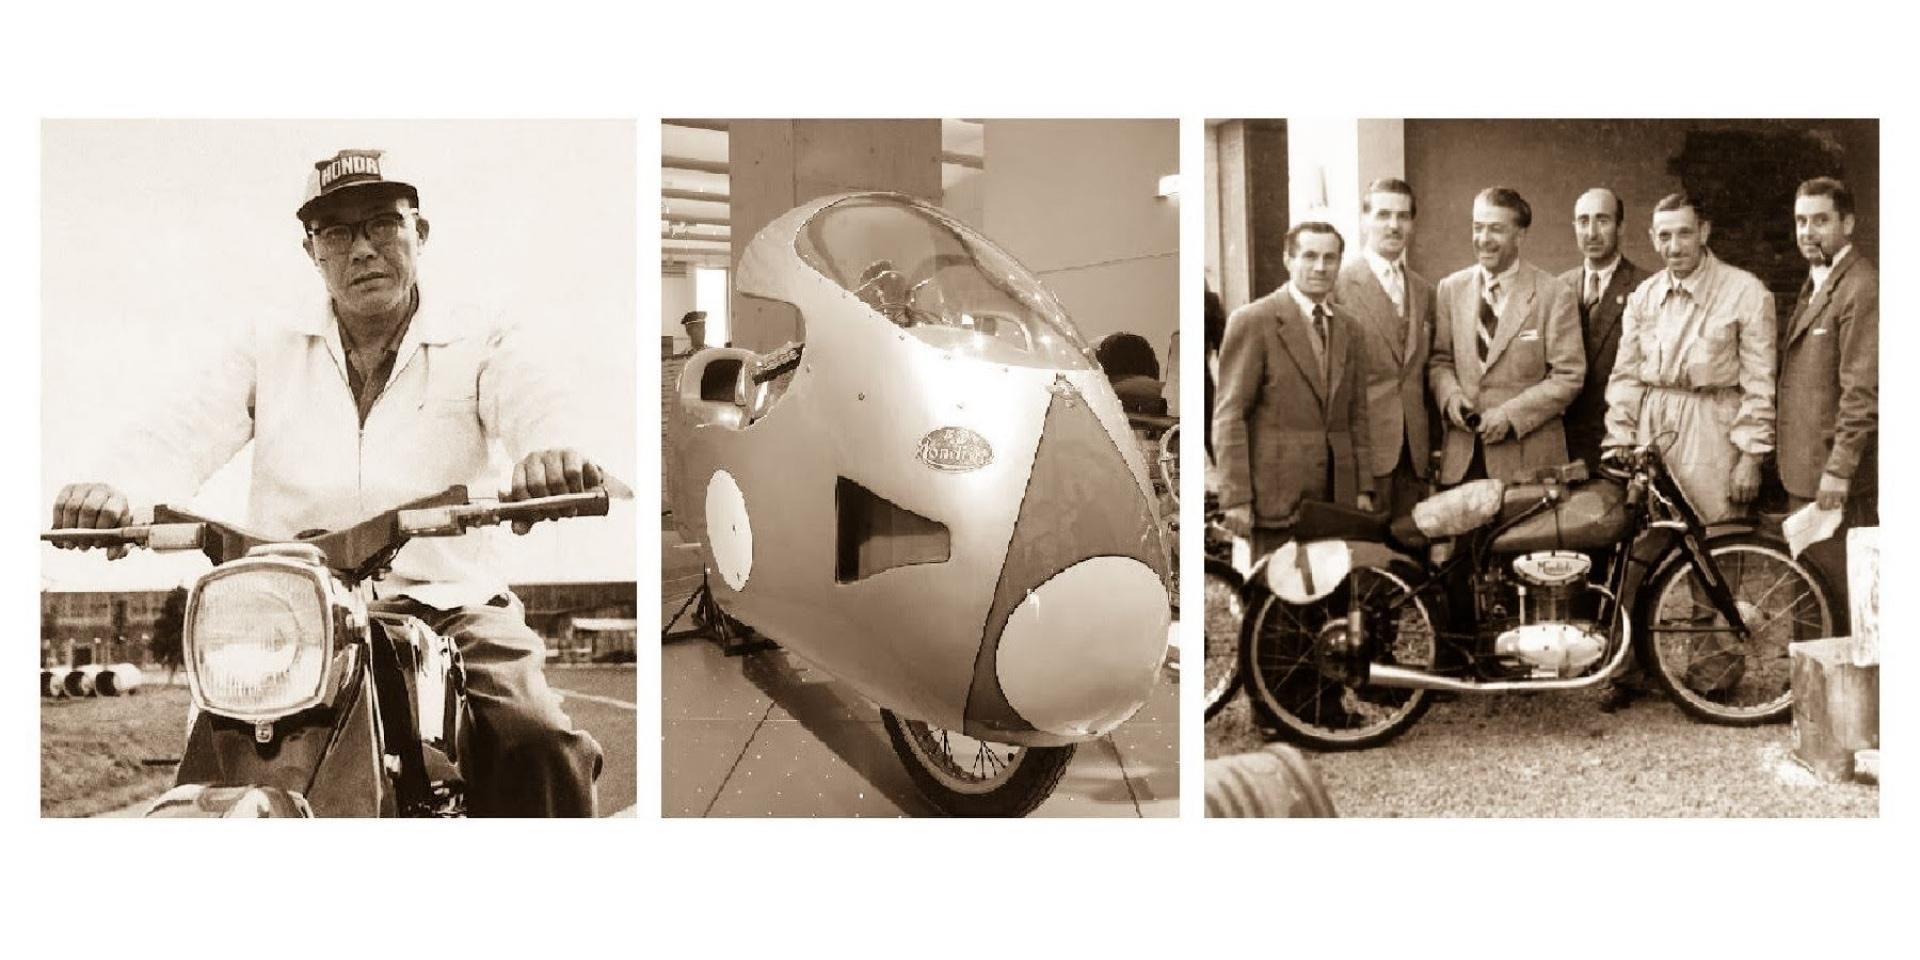 輪子上的故事|老爹、賽車、伯爵與大亨